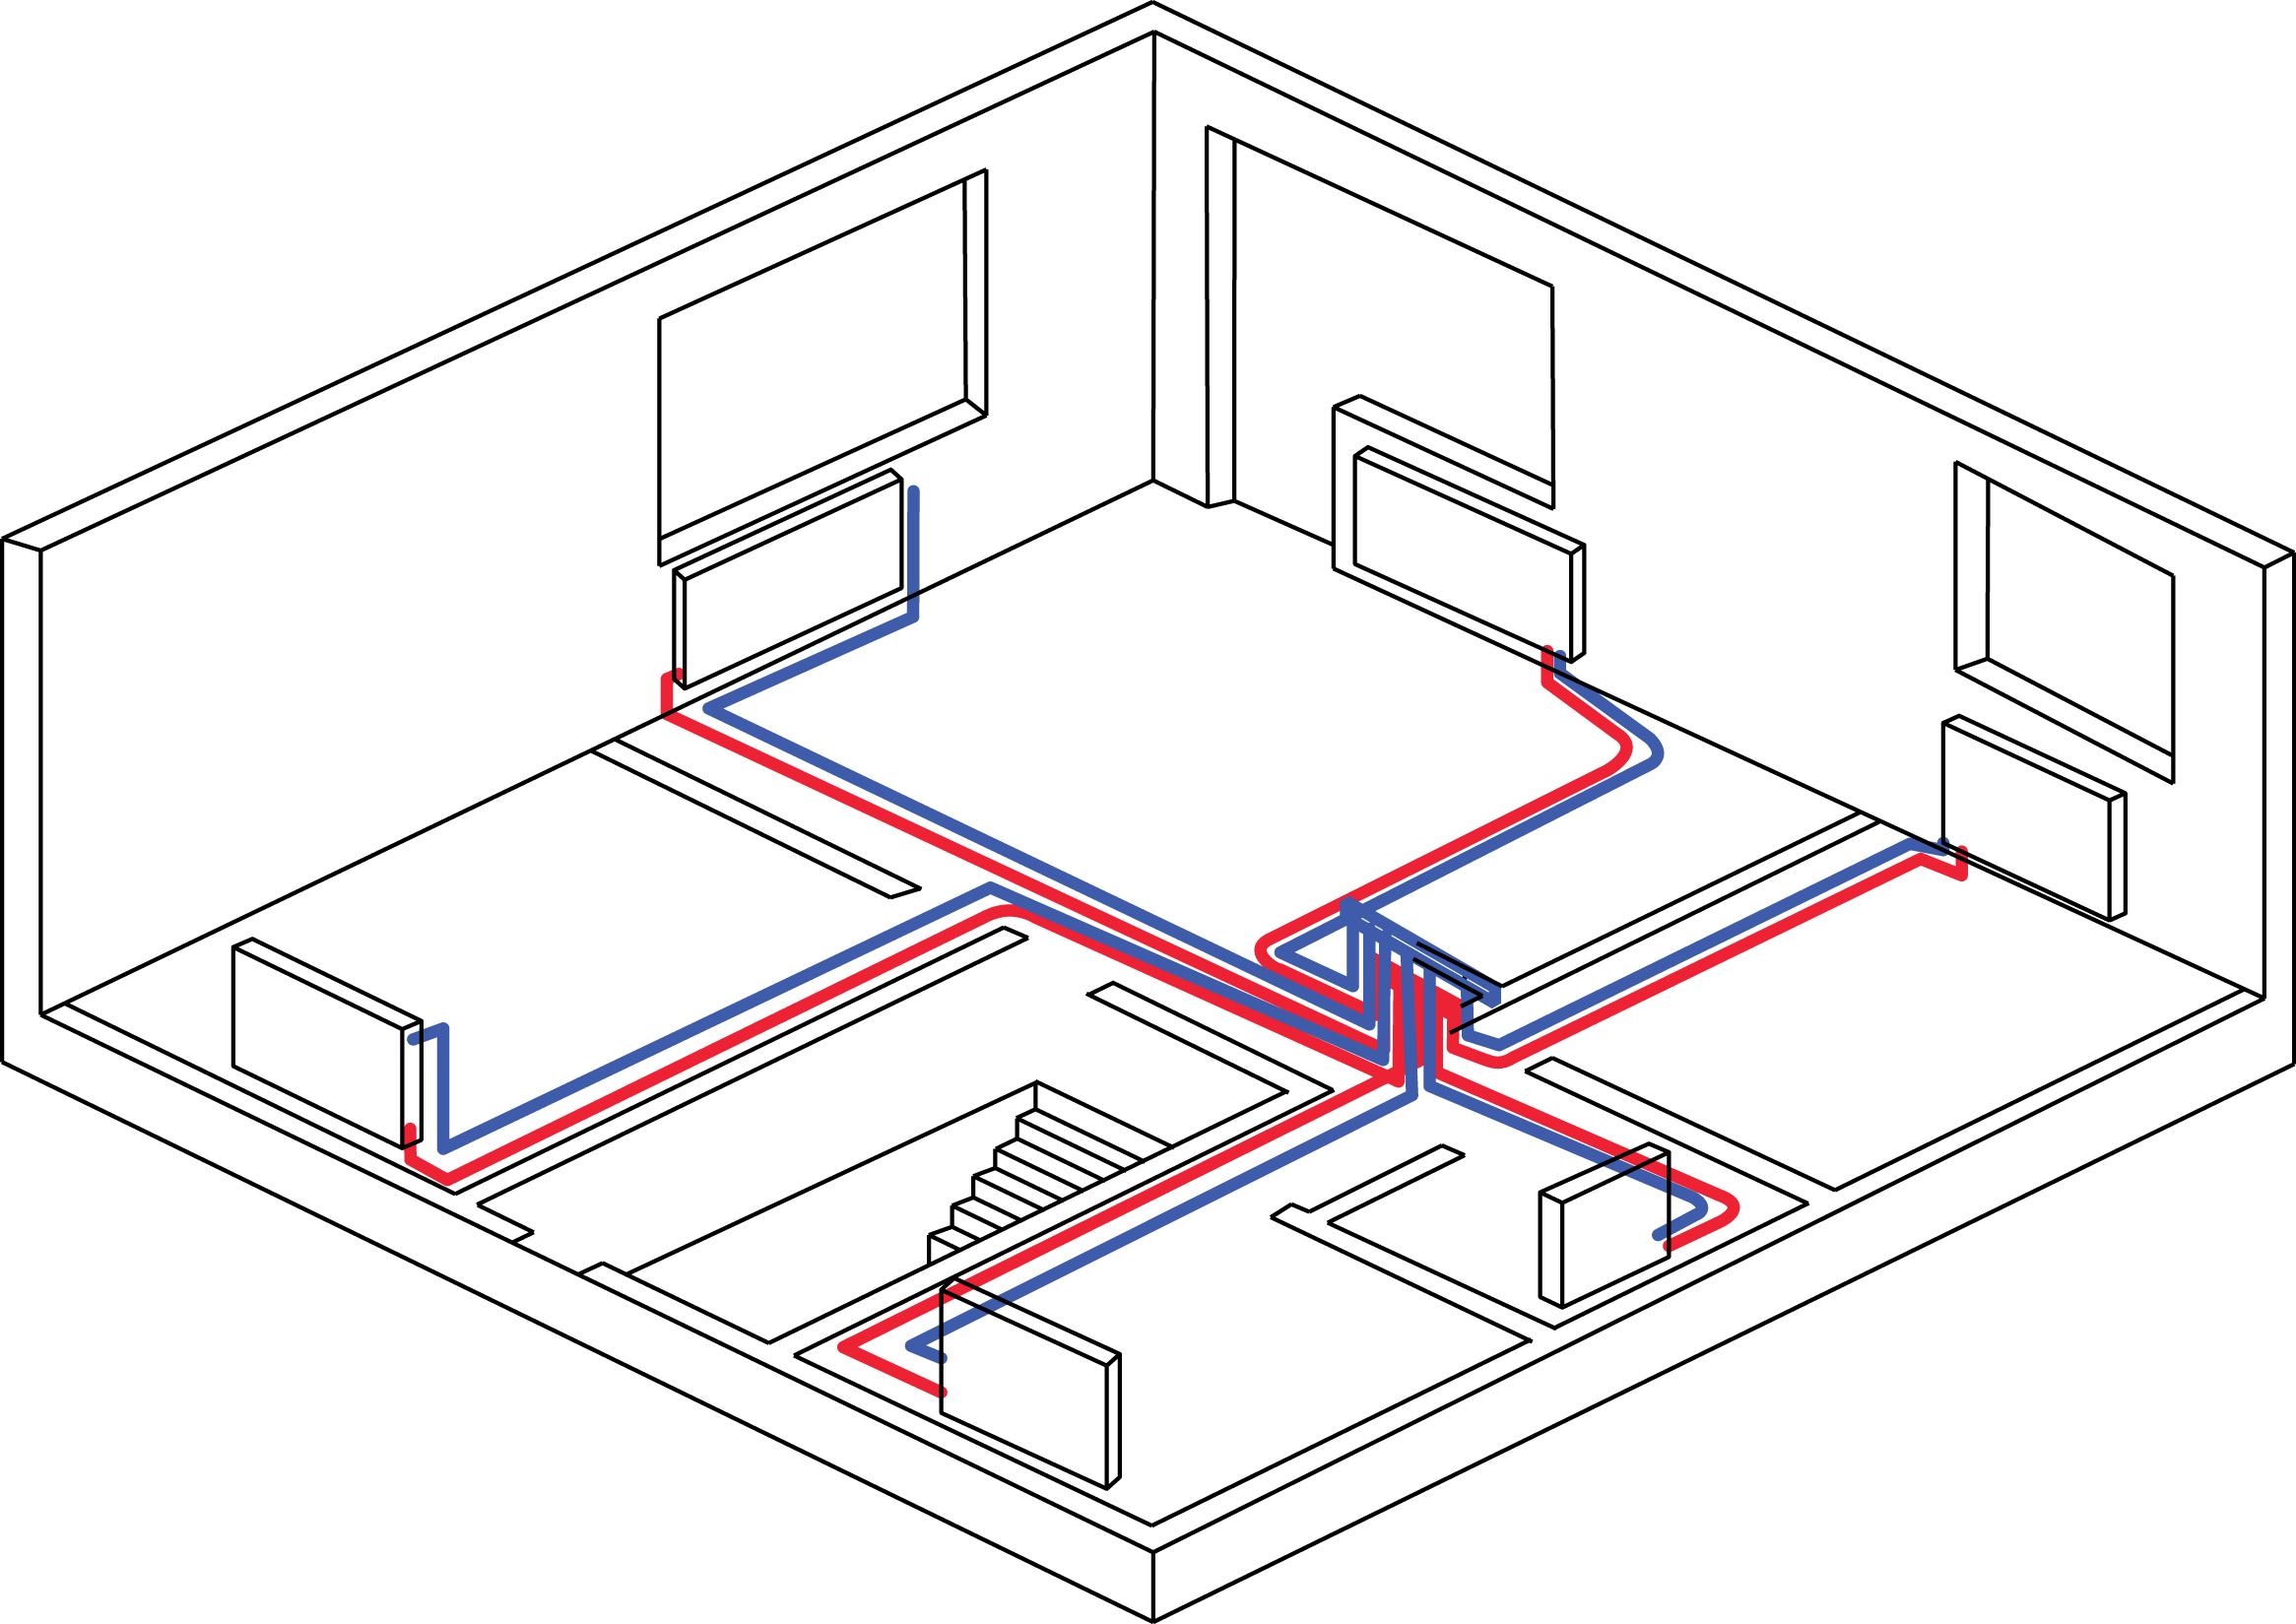 Рис. 8. Схема горизонтальной двухтрубной коллекторной системы отопления.